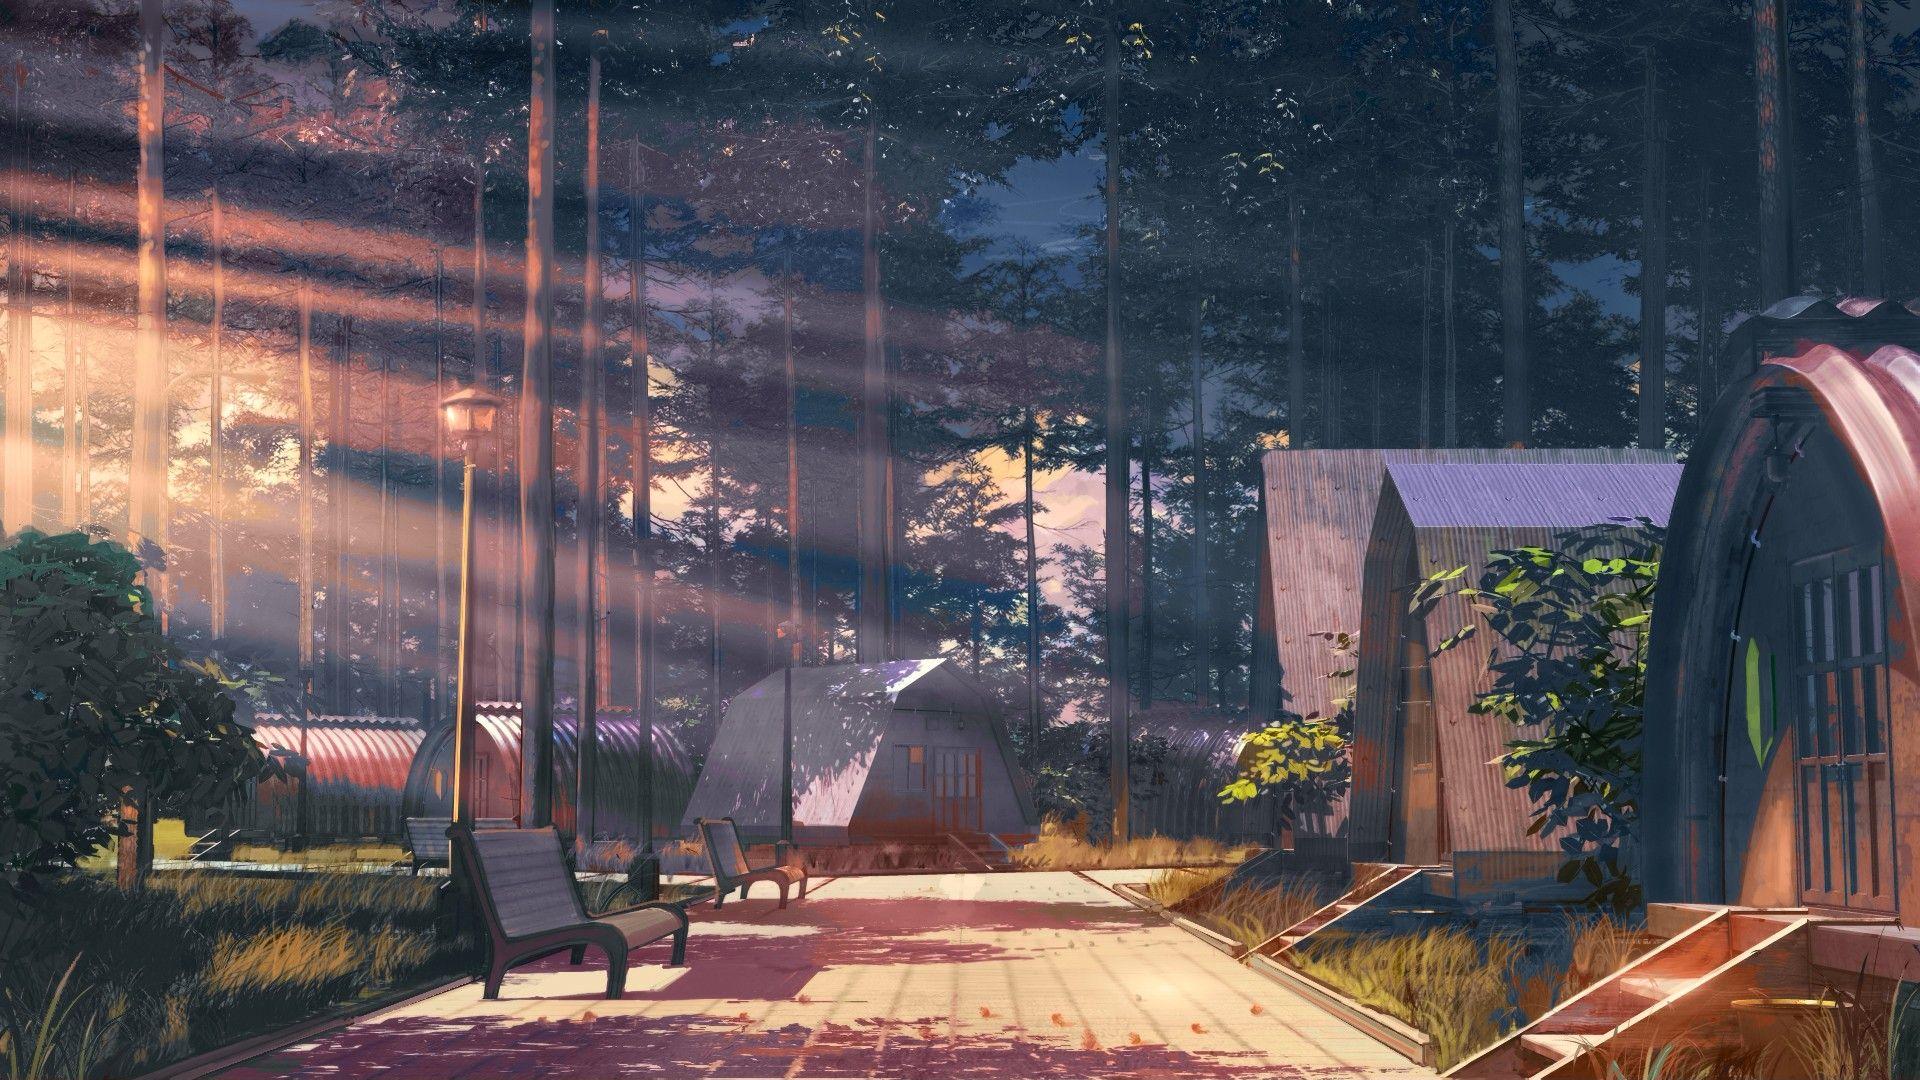 ArseniXC, Everlasting Summer, sunlight, forest